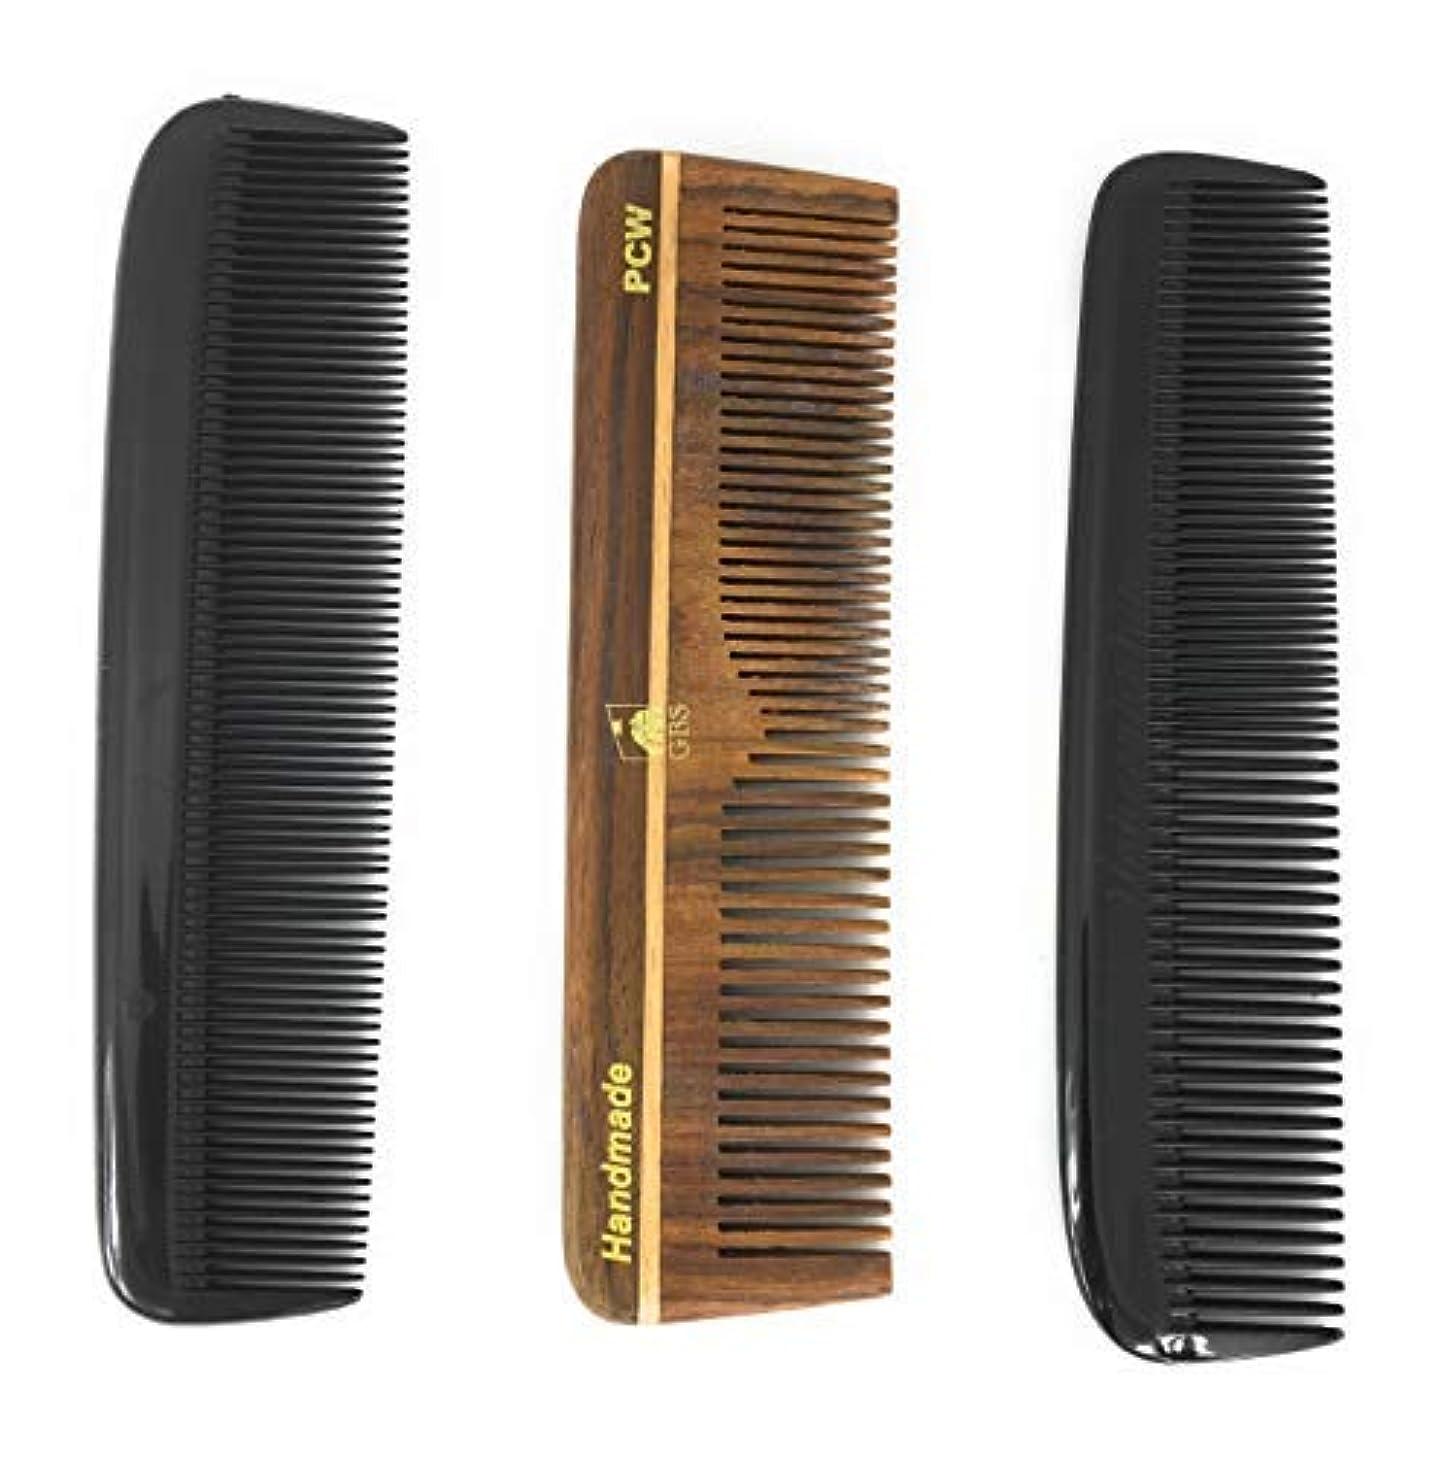 ストレスの多いヒョウがっかりするGBS Hair Comb Variety 3 pack - 5